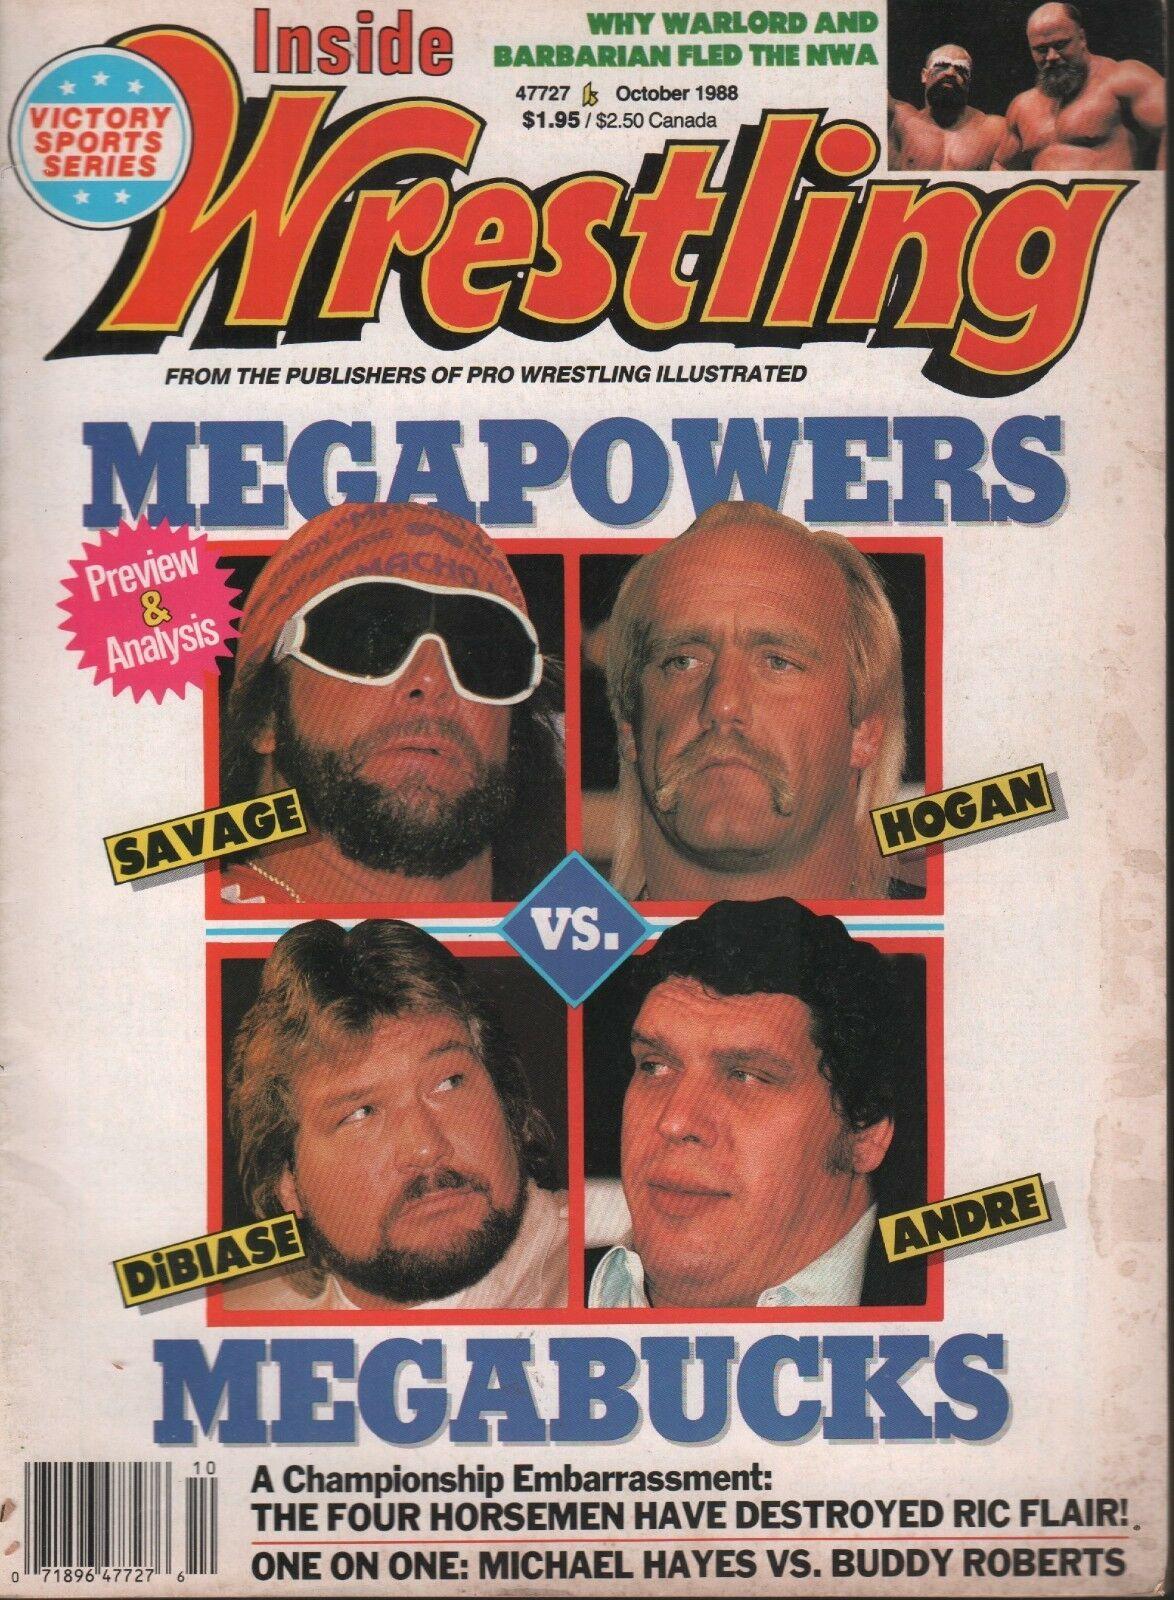 Inside Wrestling - October 1988